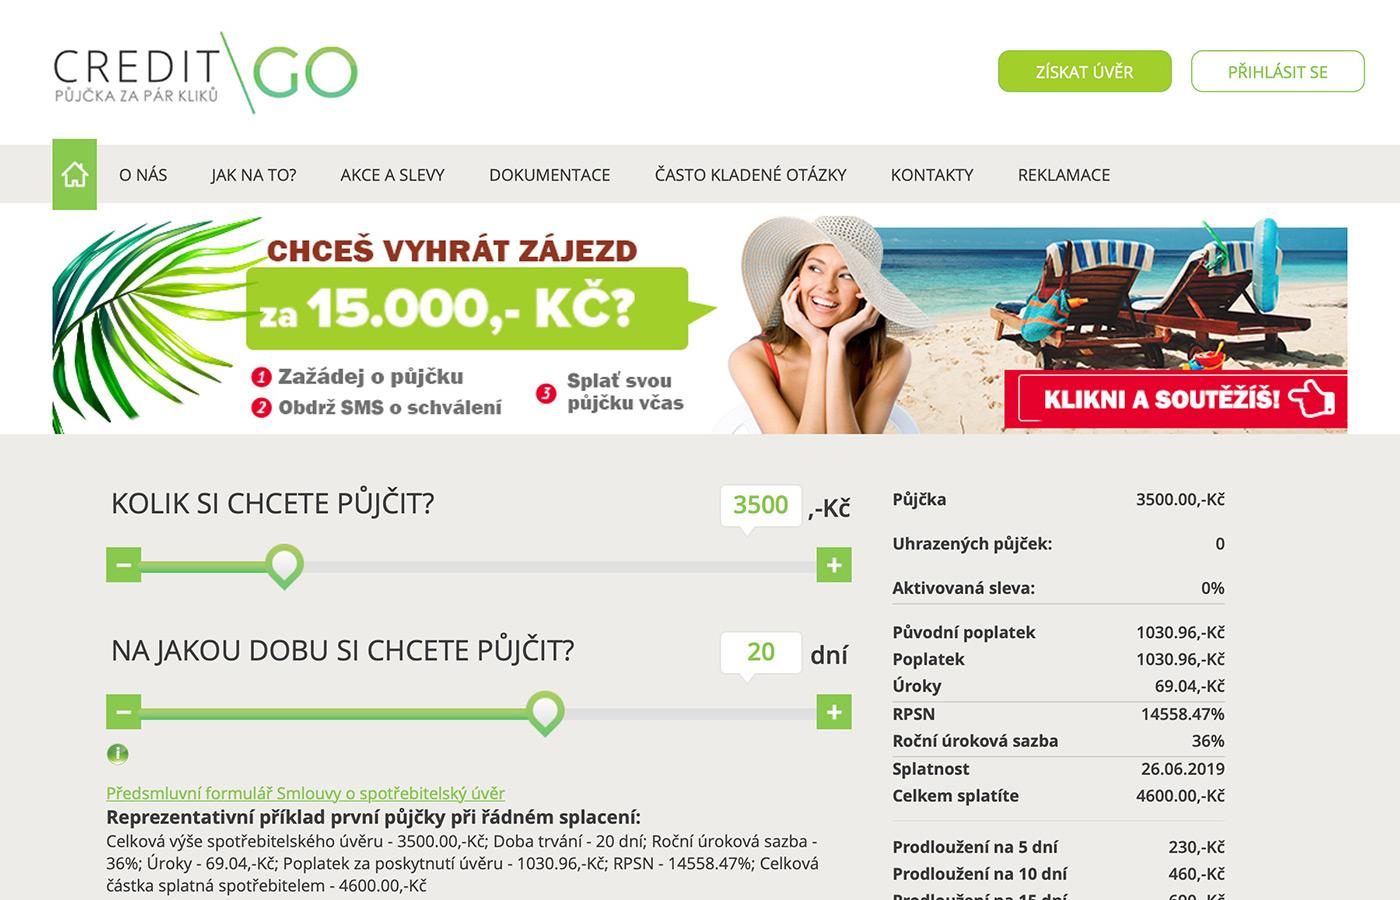 Webové stránky https://www.creditgo.cz